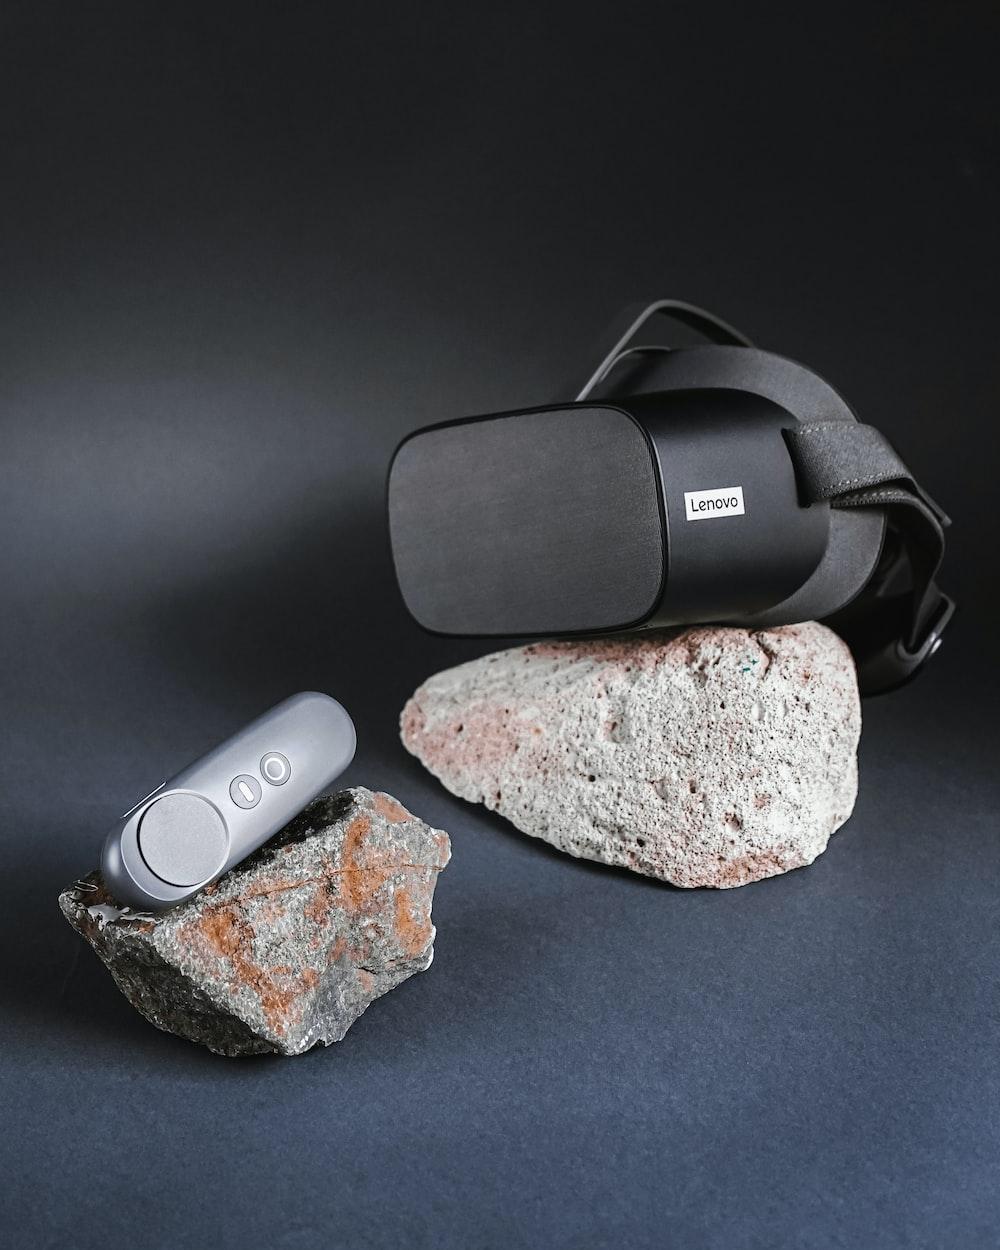 black and gray jbl portable speaker